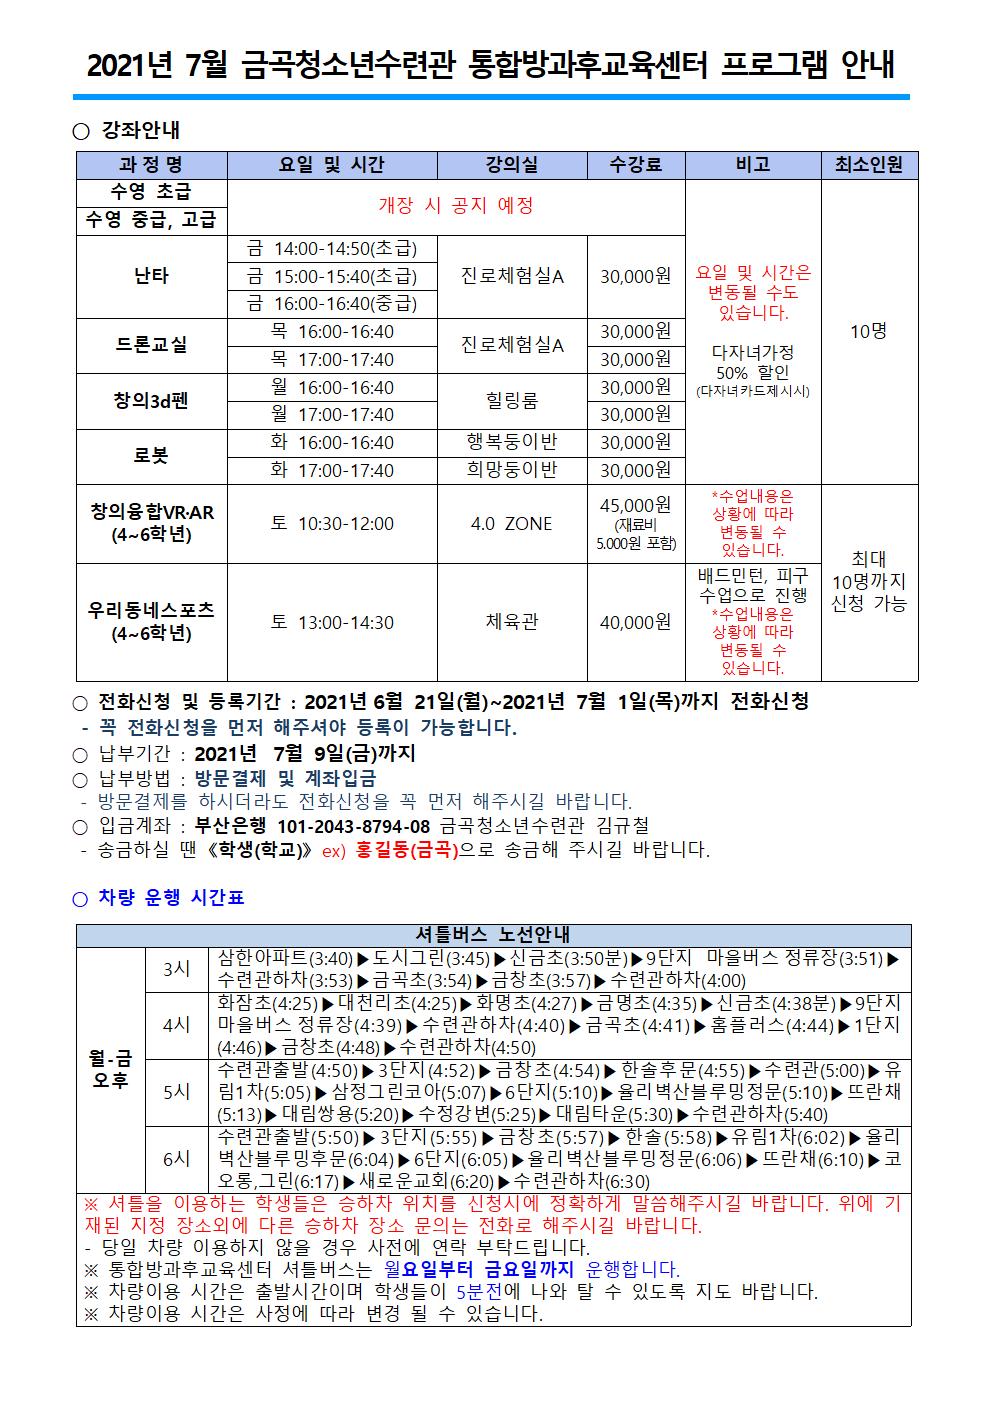 2021 7월 통합방과후교육센터 안내문002.png